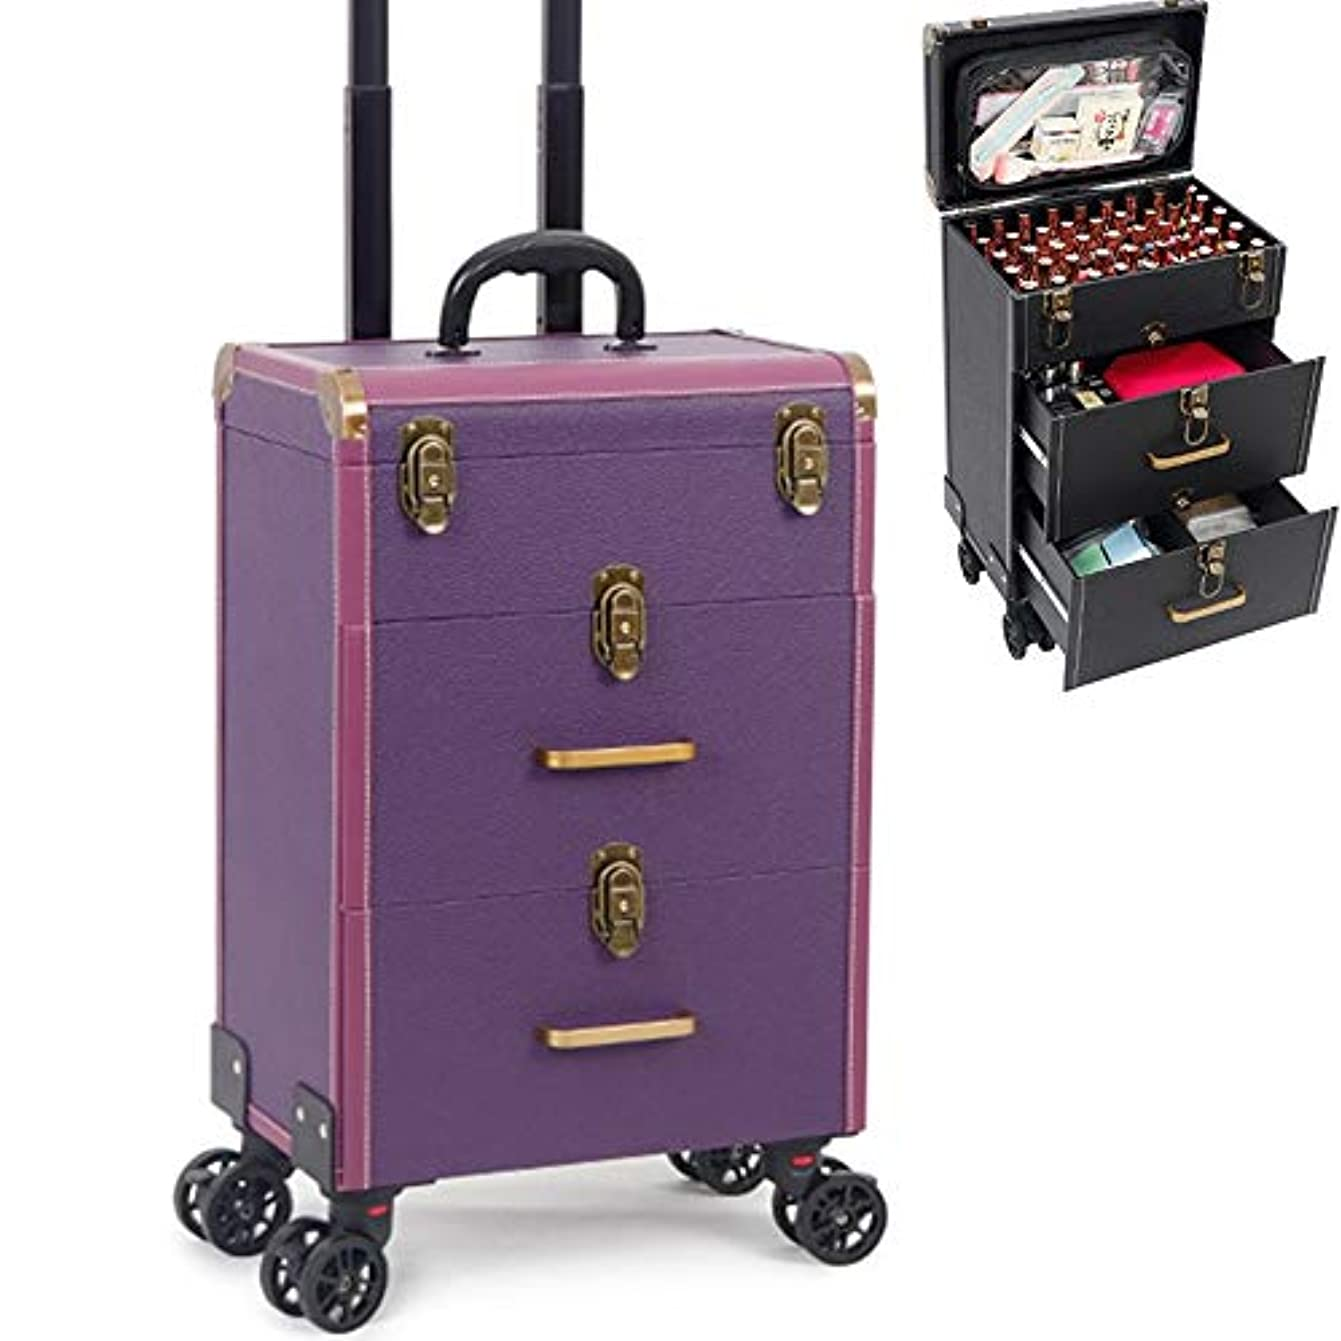 ブルトランスペアレント到着するローリング化粧品オーガナイザー、トロリー化粧品ボックス、トロリー化粧品収納、美容化粧台ケース、ロック可能なキー付き、スライド式引き出しPurple A